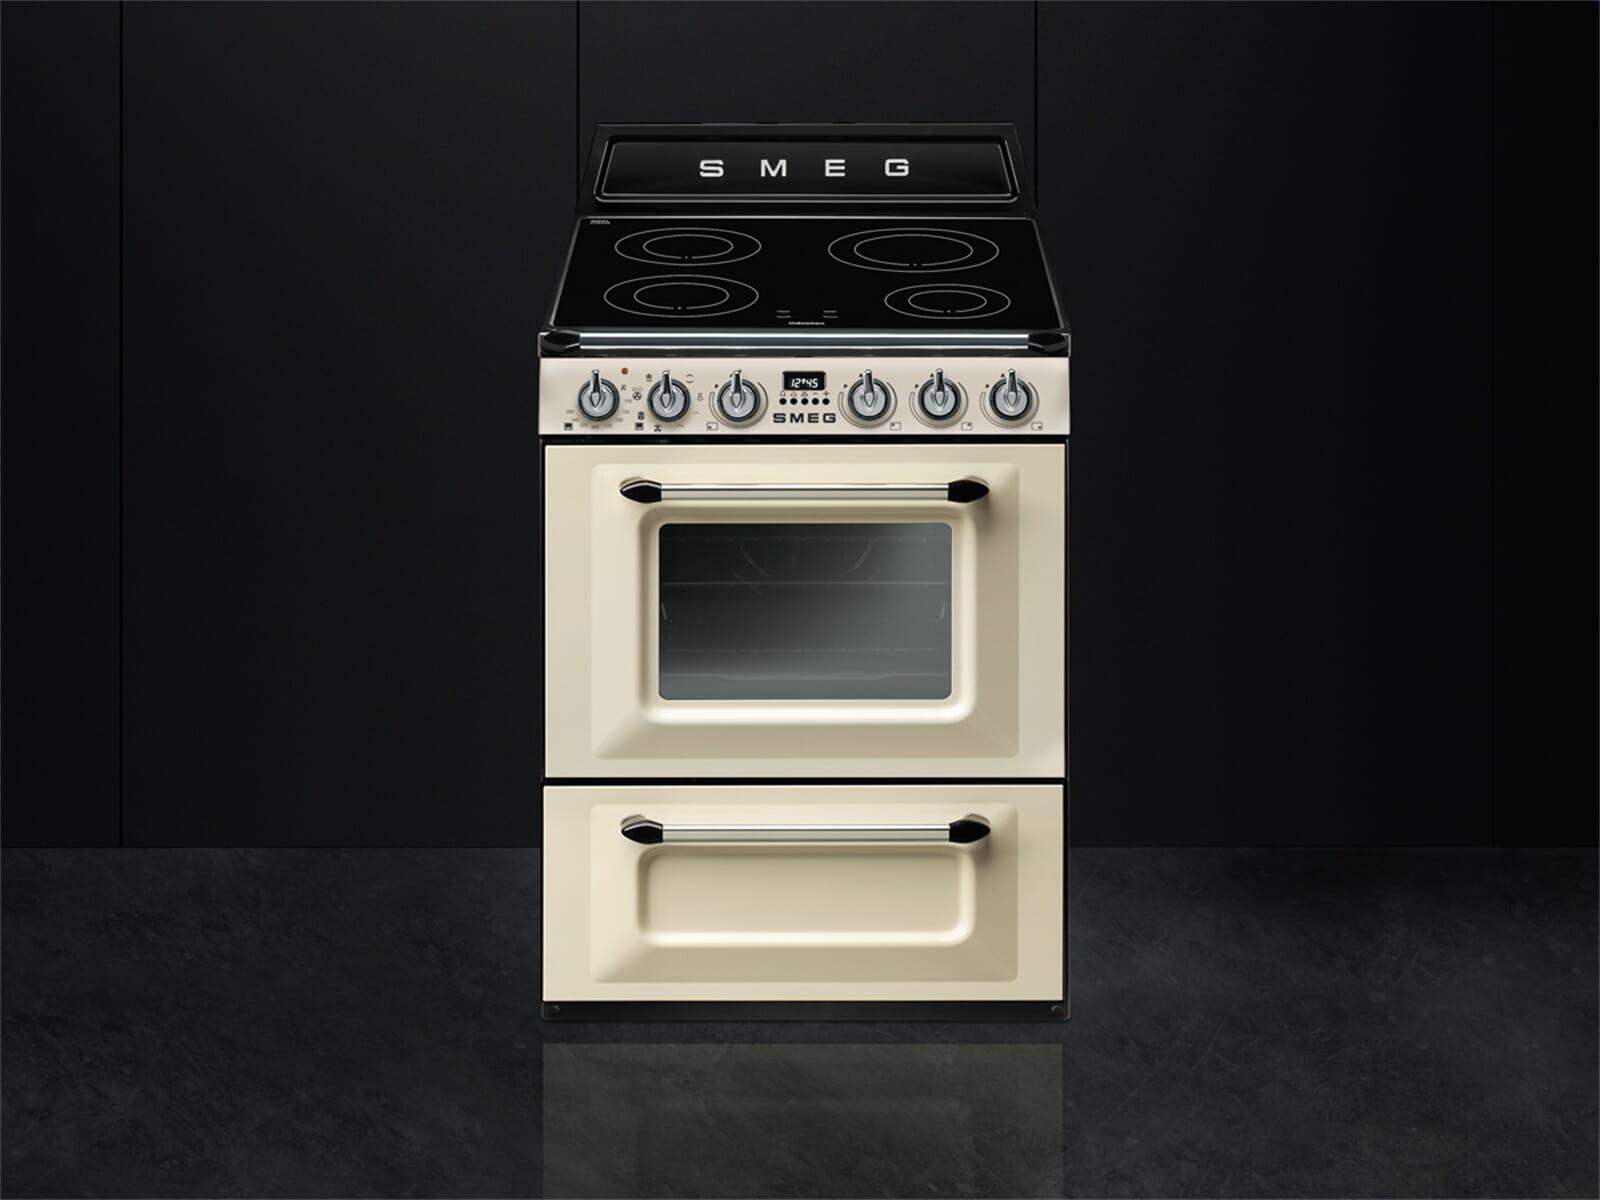 Retro Kühlschrank Creme : Smeg kühlschrank creme gebraucht gas elektroherd